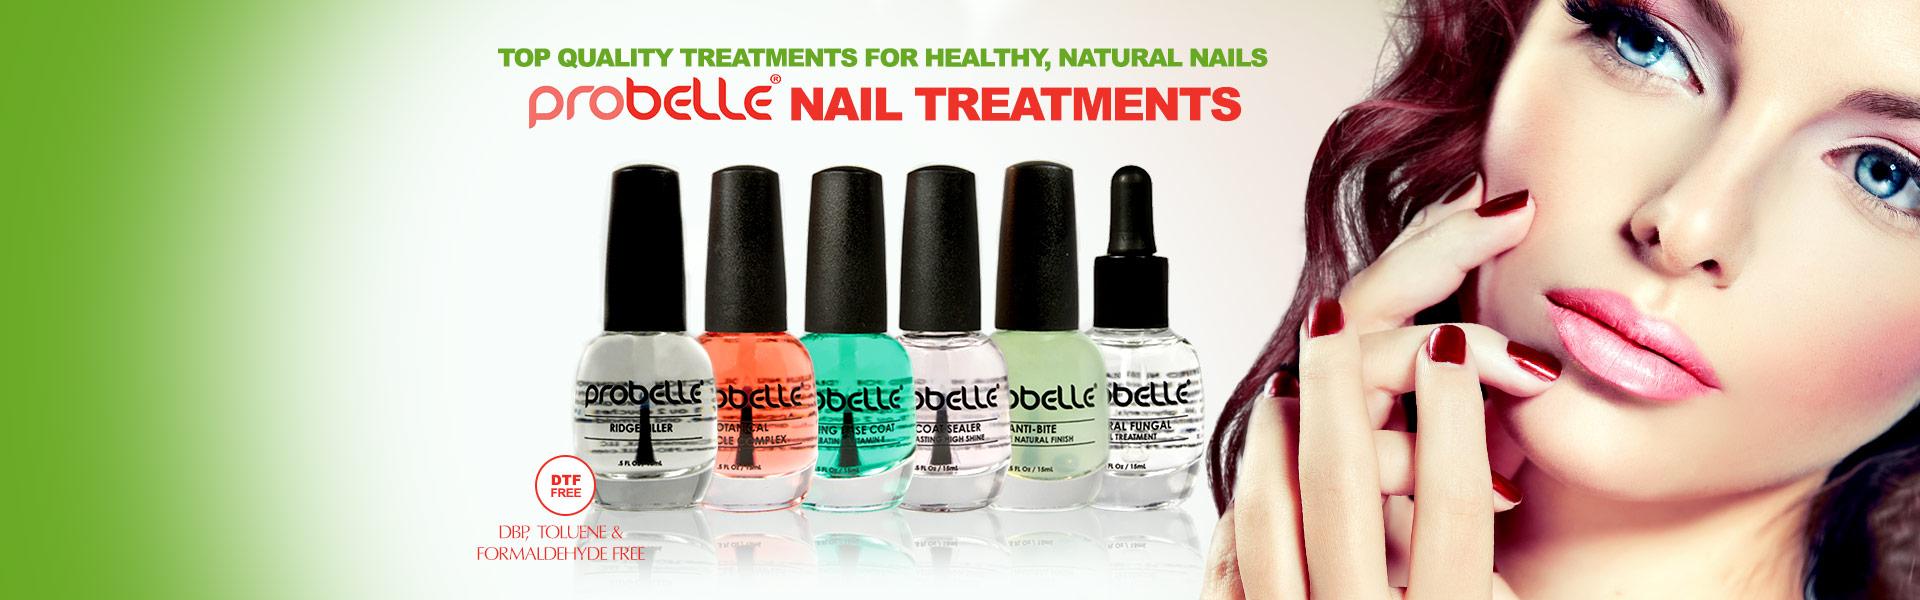 Nail-treatmentproducts